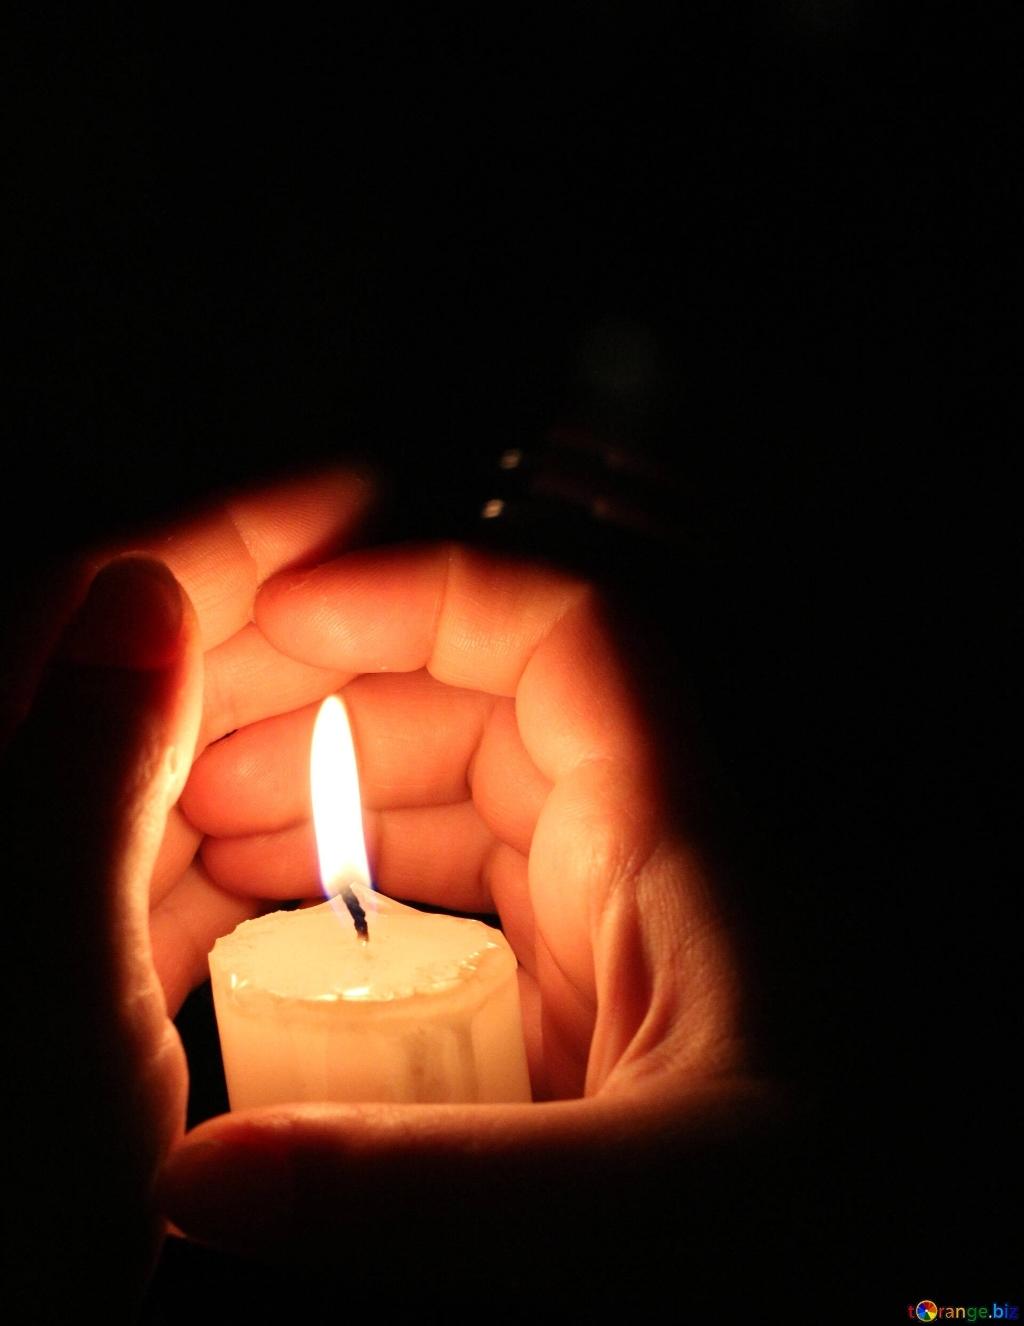 22 февраля объявлен в Норильске днём траура в связи с гибелью на НОФ троих человек